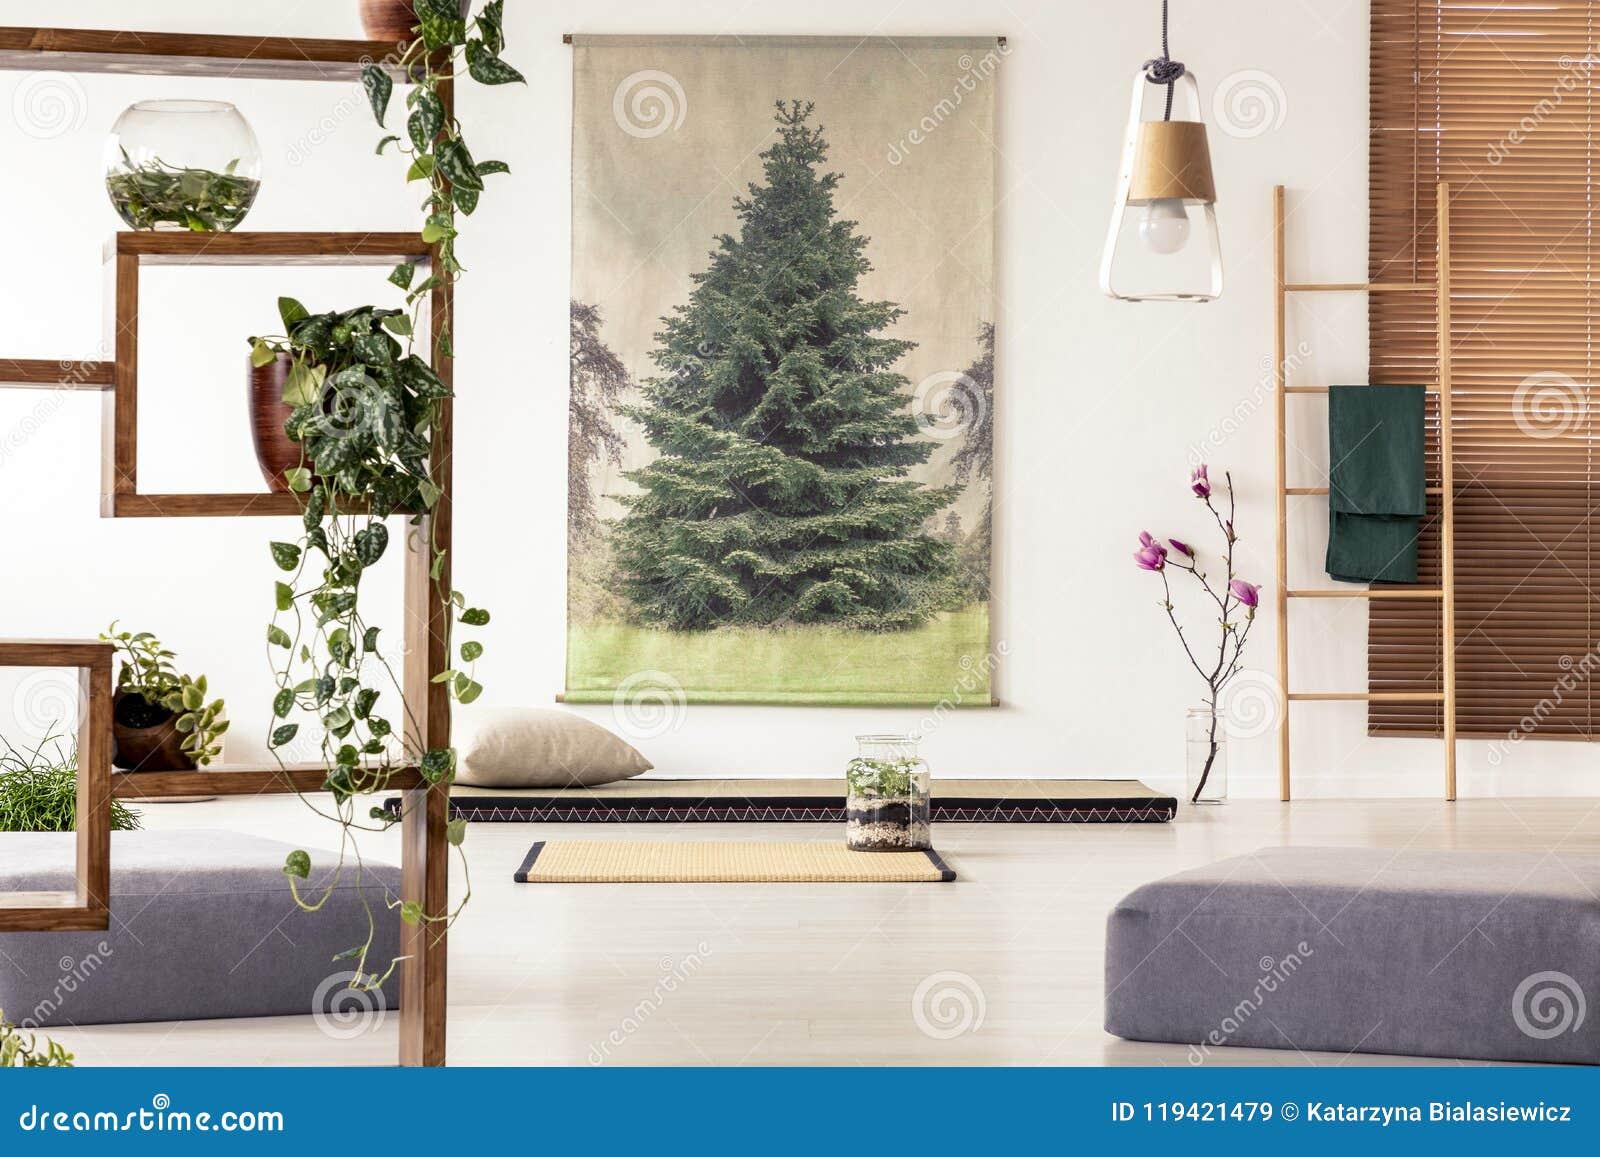 Deco Avec Une Echelle En Bois usines sur une étagère en bois dans un esprit oriental d